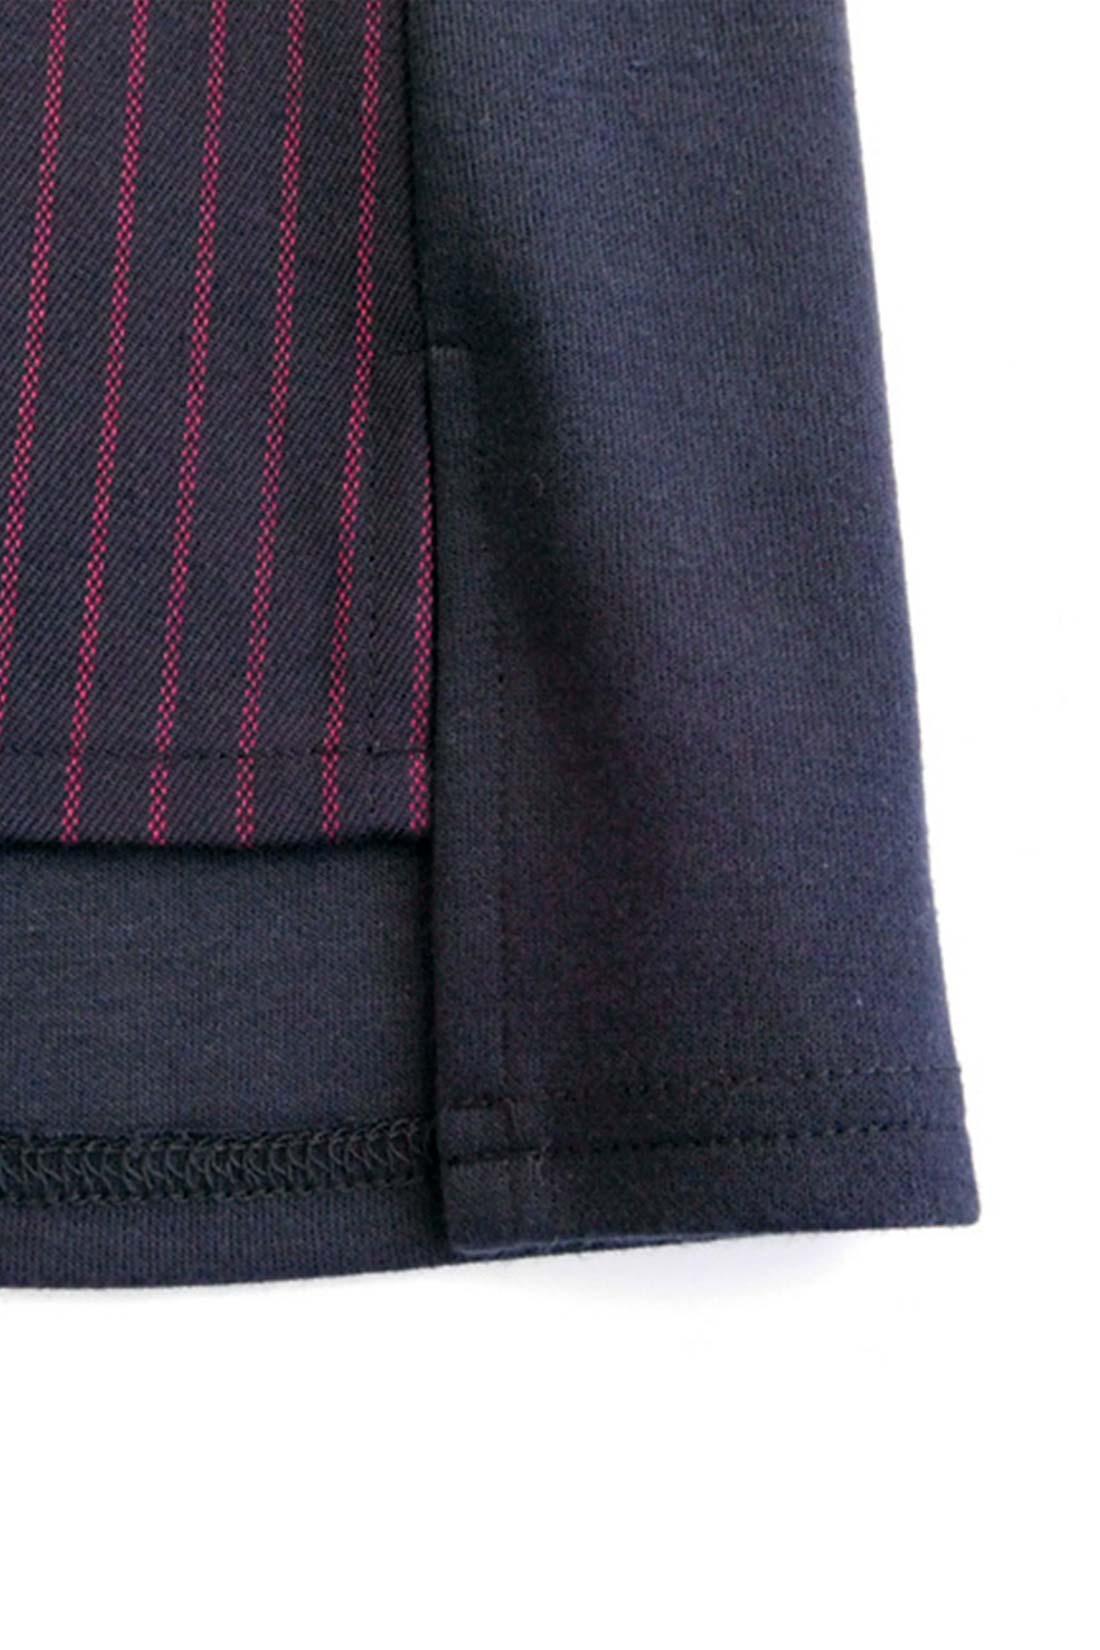 【前身ごろだけ。】袖と背中は無地のカットソー、前身ごろと袖口裏だけ細めのストライプになっているよ。 ※お届けするカラーとは異なります。